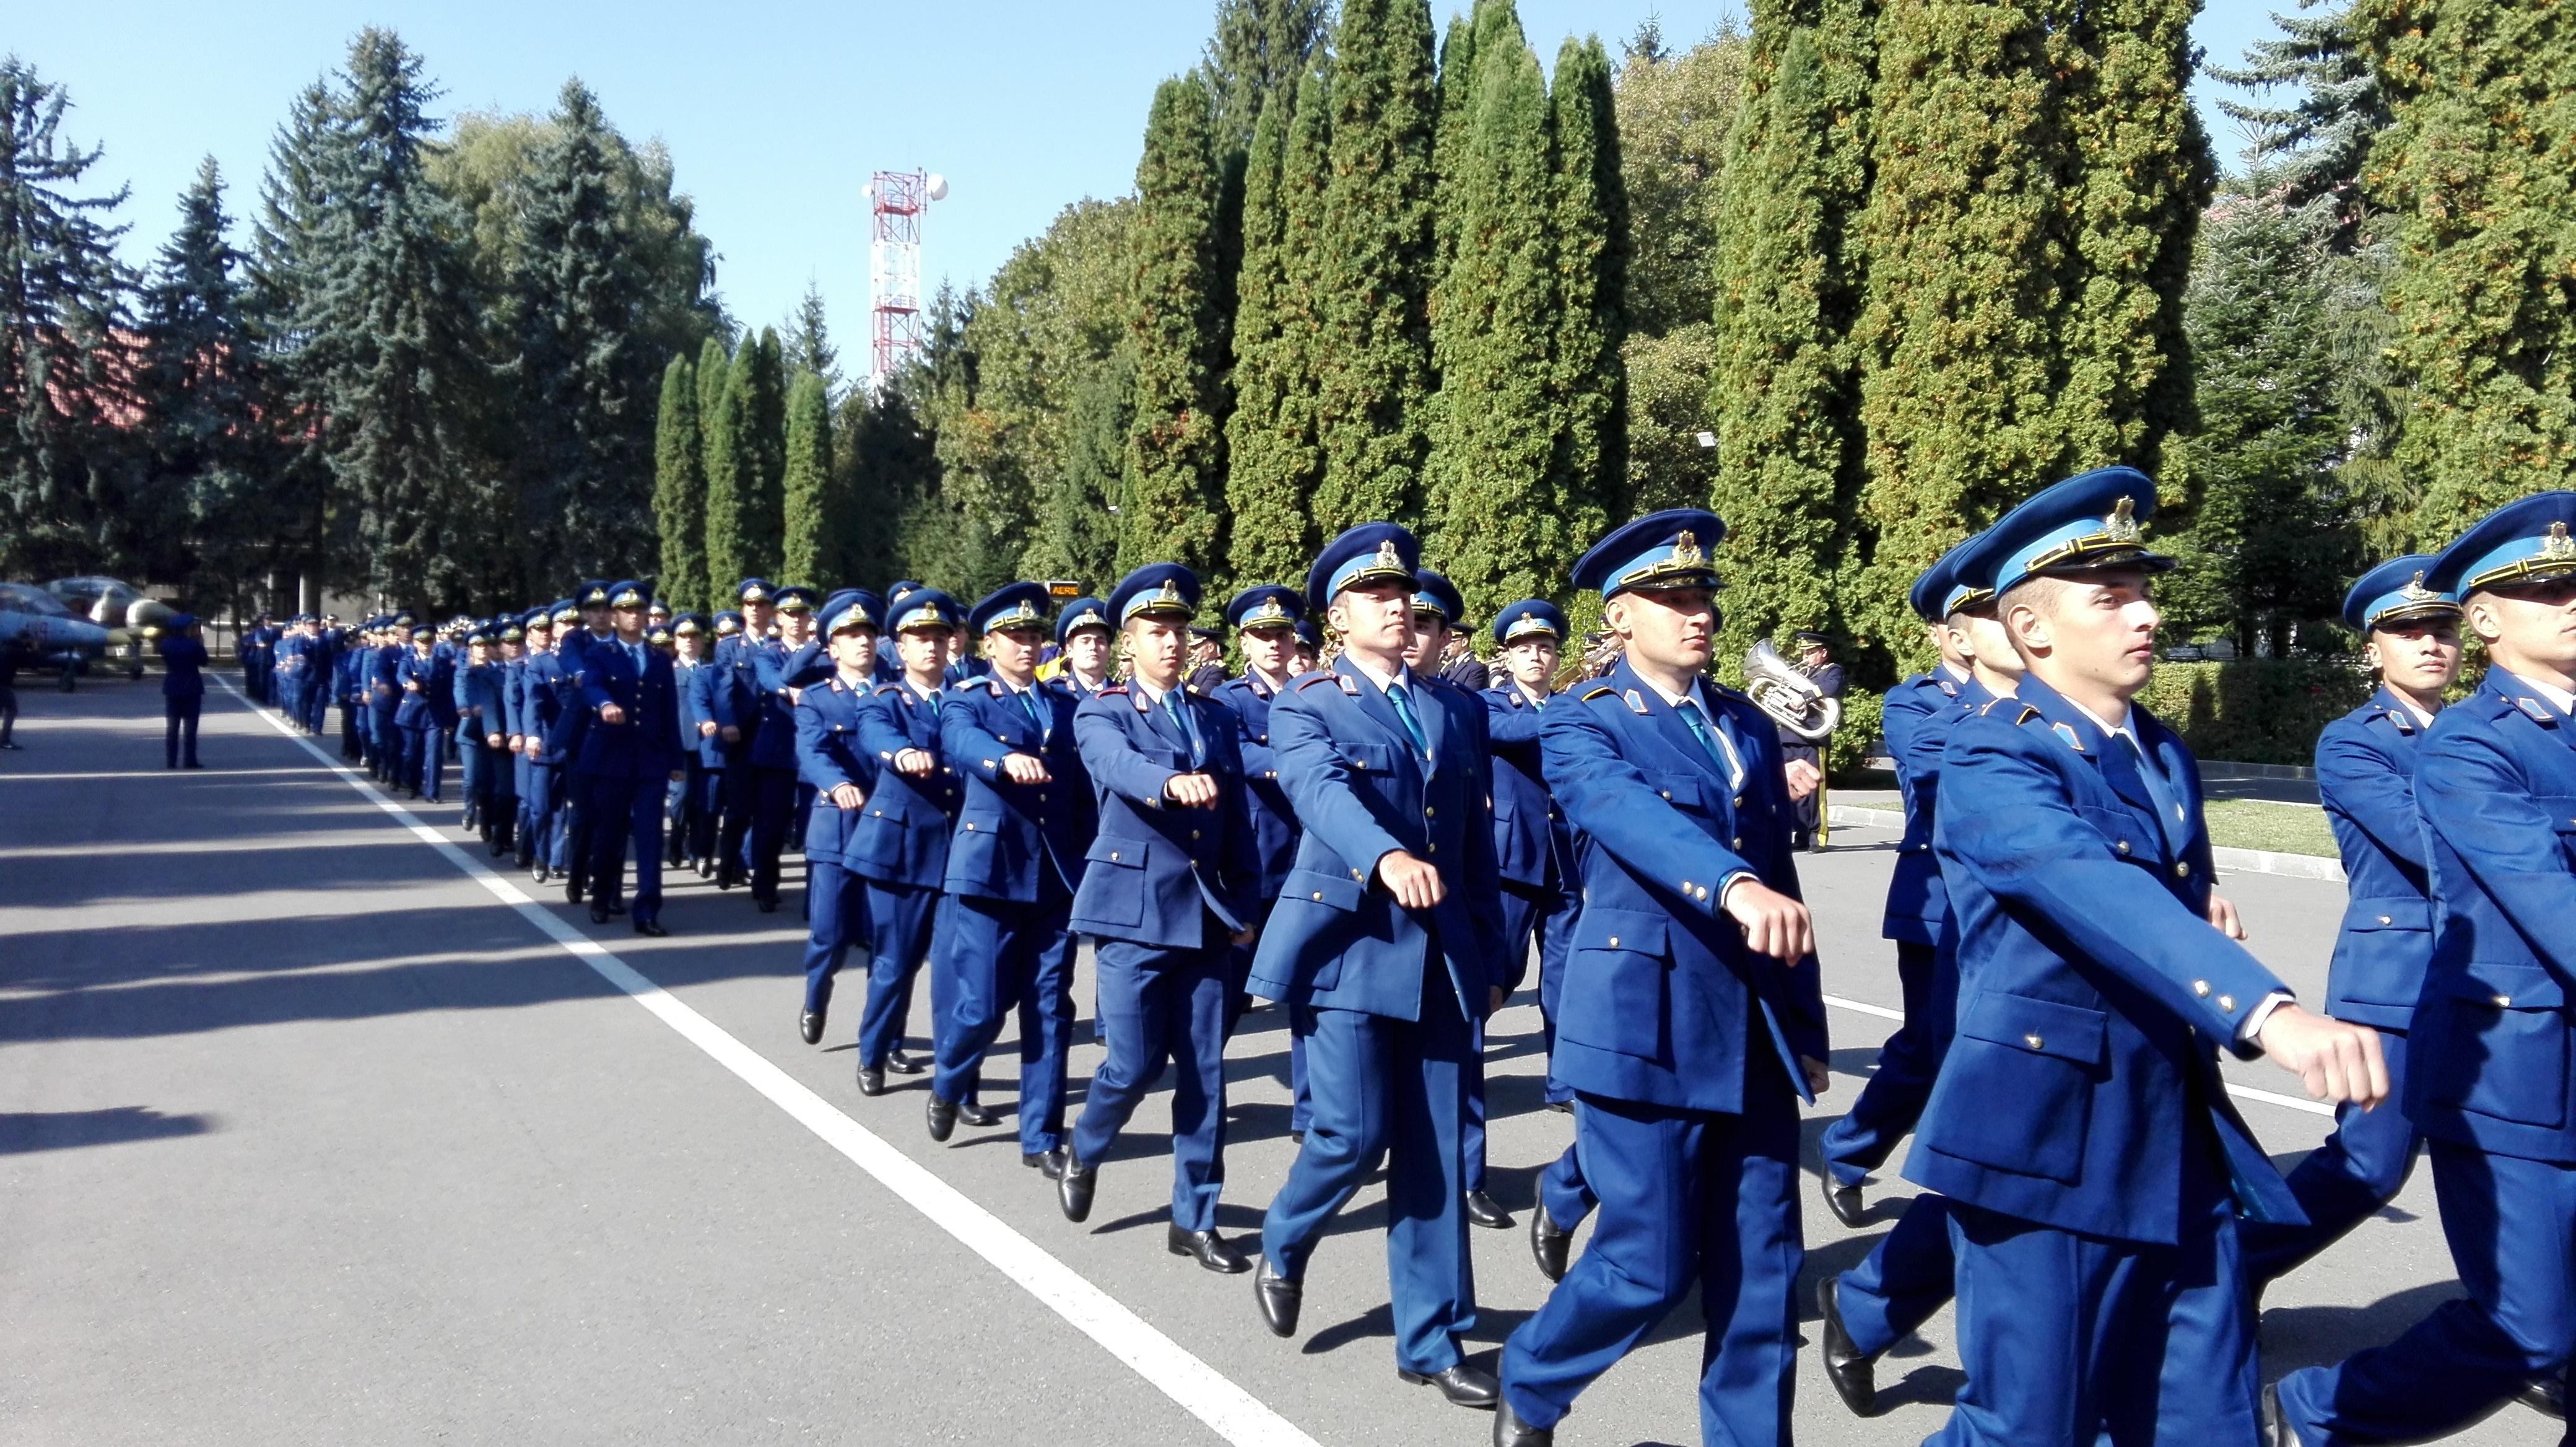 FOTO | Primul student admis la Academia Forţelor Aeriene Braşov: Mi-am dat seama ce vreau să fac în viaţă